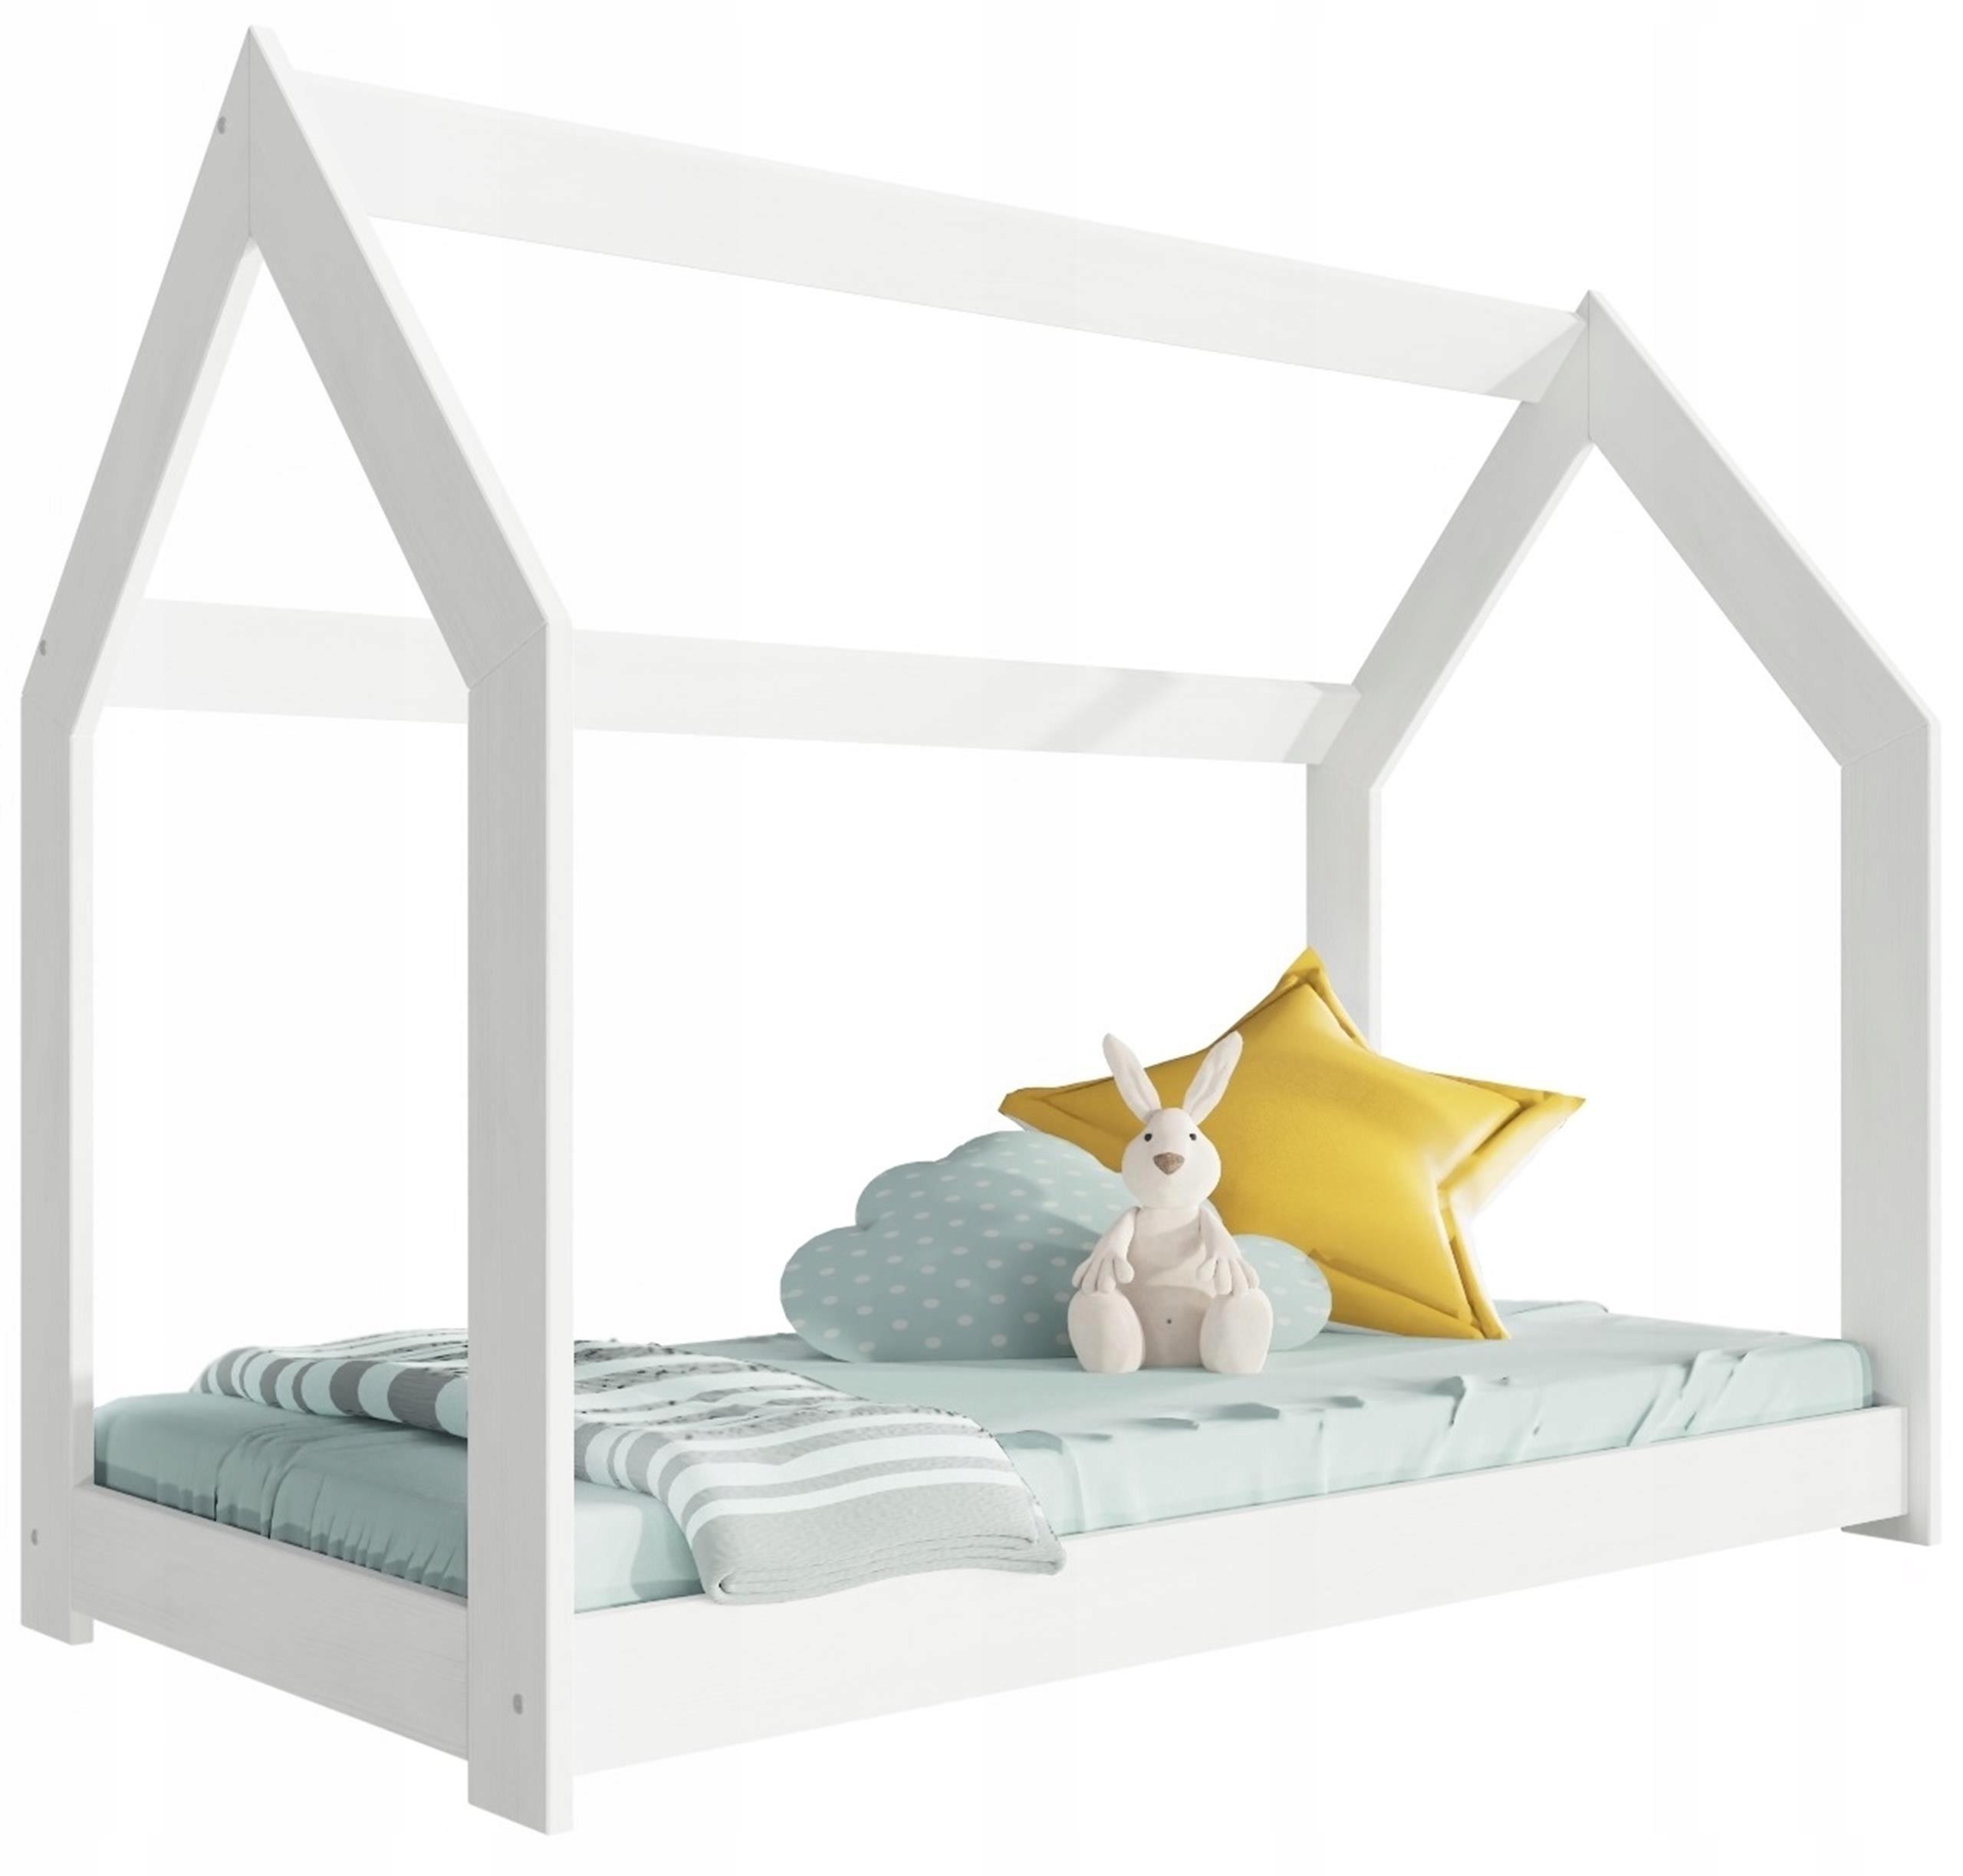 Łóżko dziecięce HOMKI LOW białe domek ze stelażem